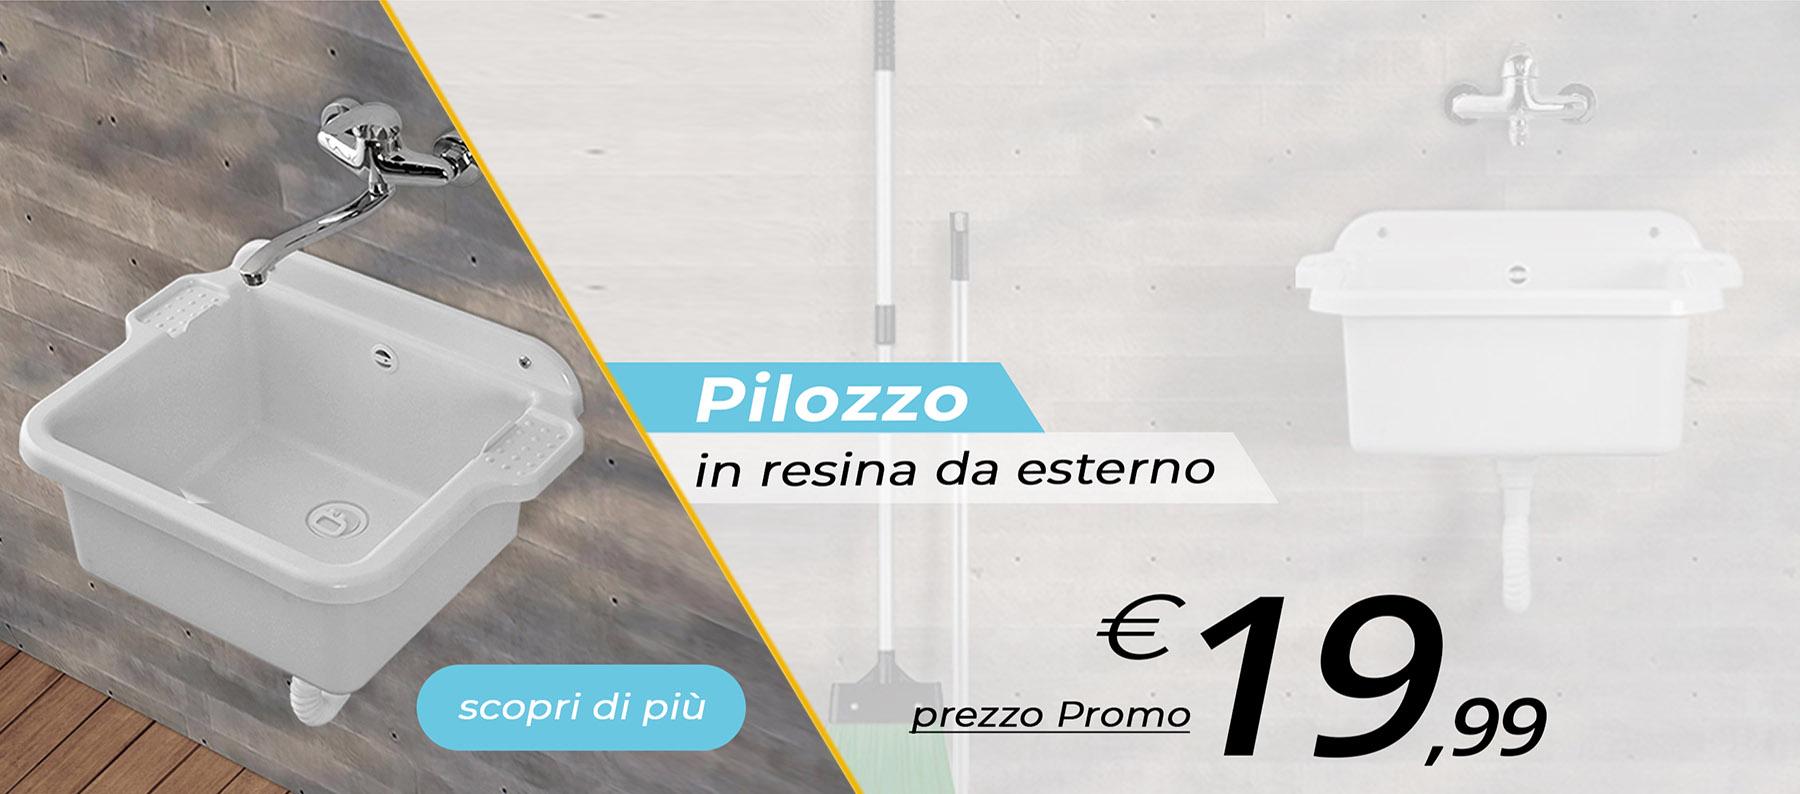 Pilozzo